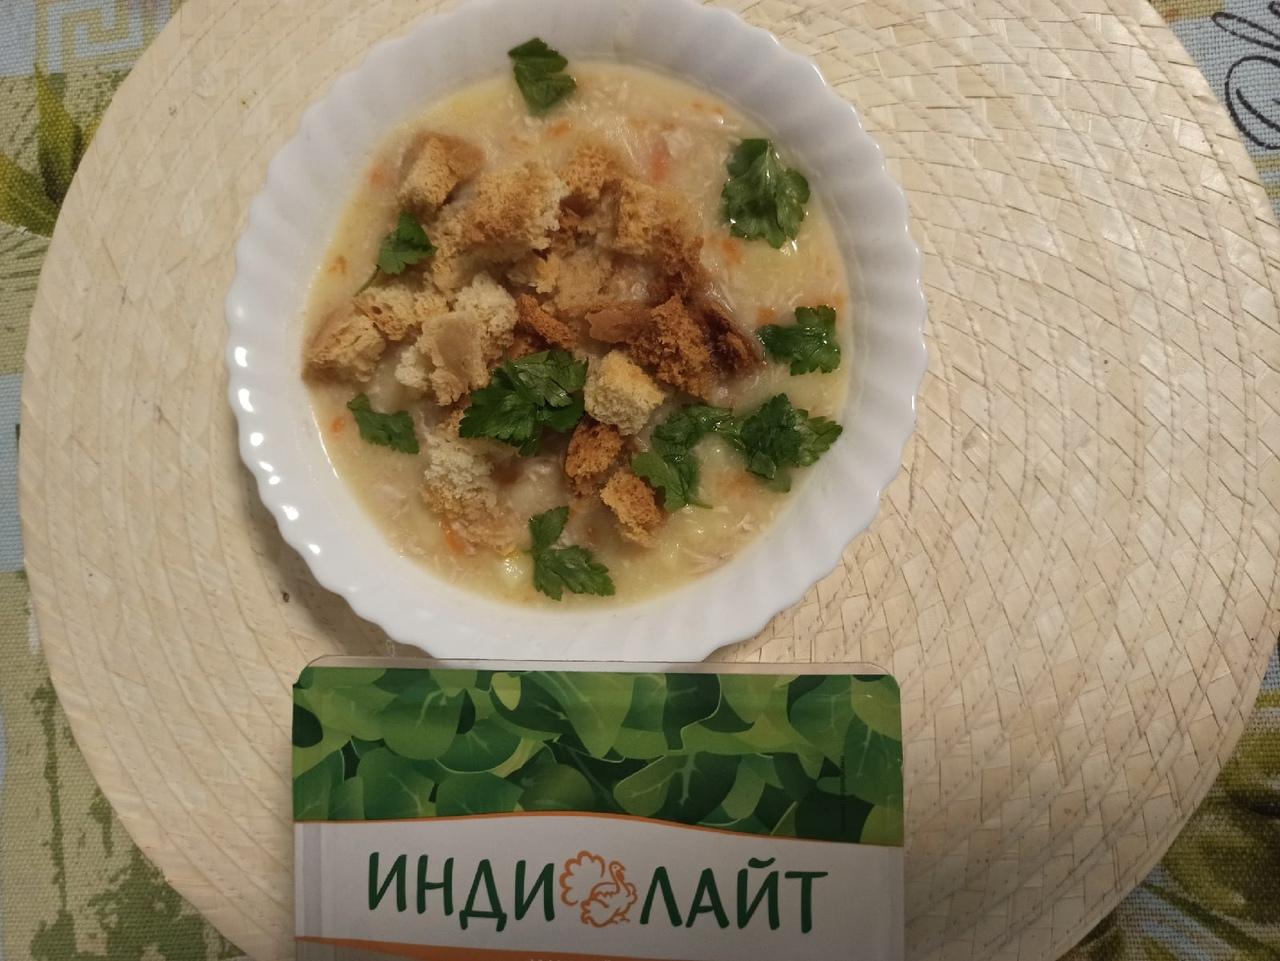 Картофельный суп с  индейкой Индилайт